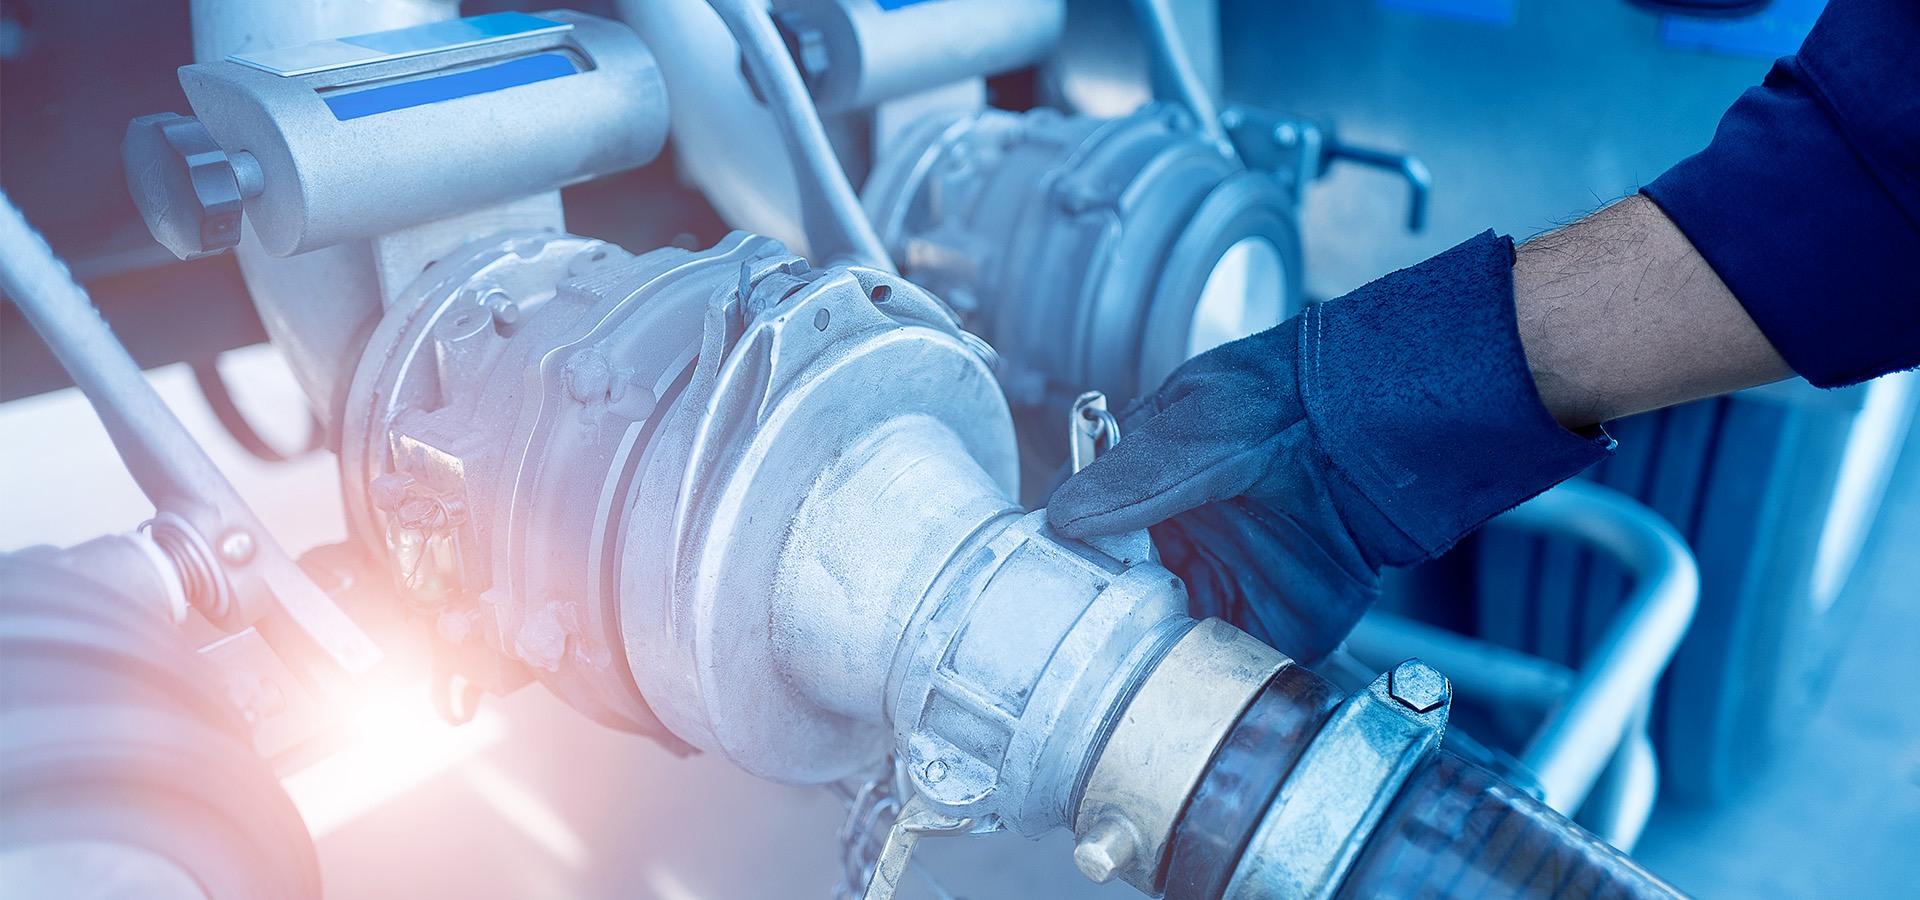 PRIMAGAS - Wechsel von Öl zu Flüssiggas